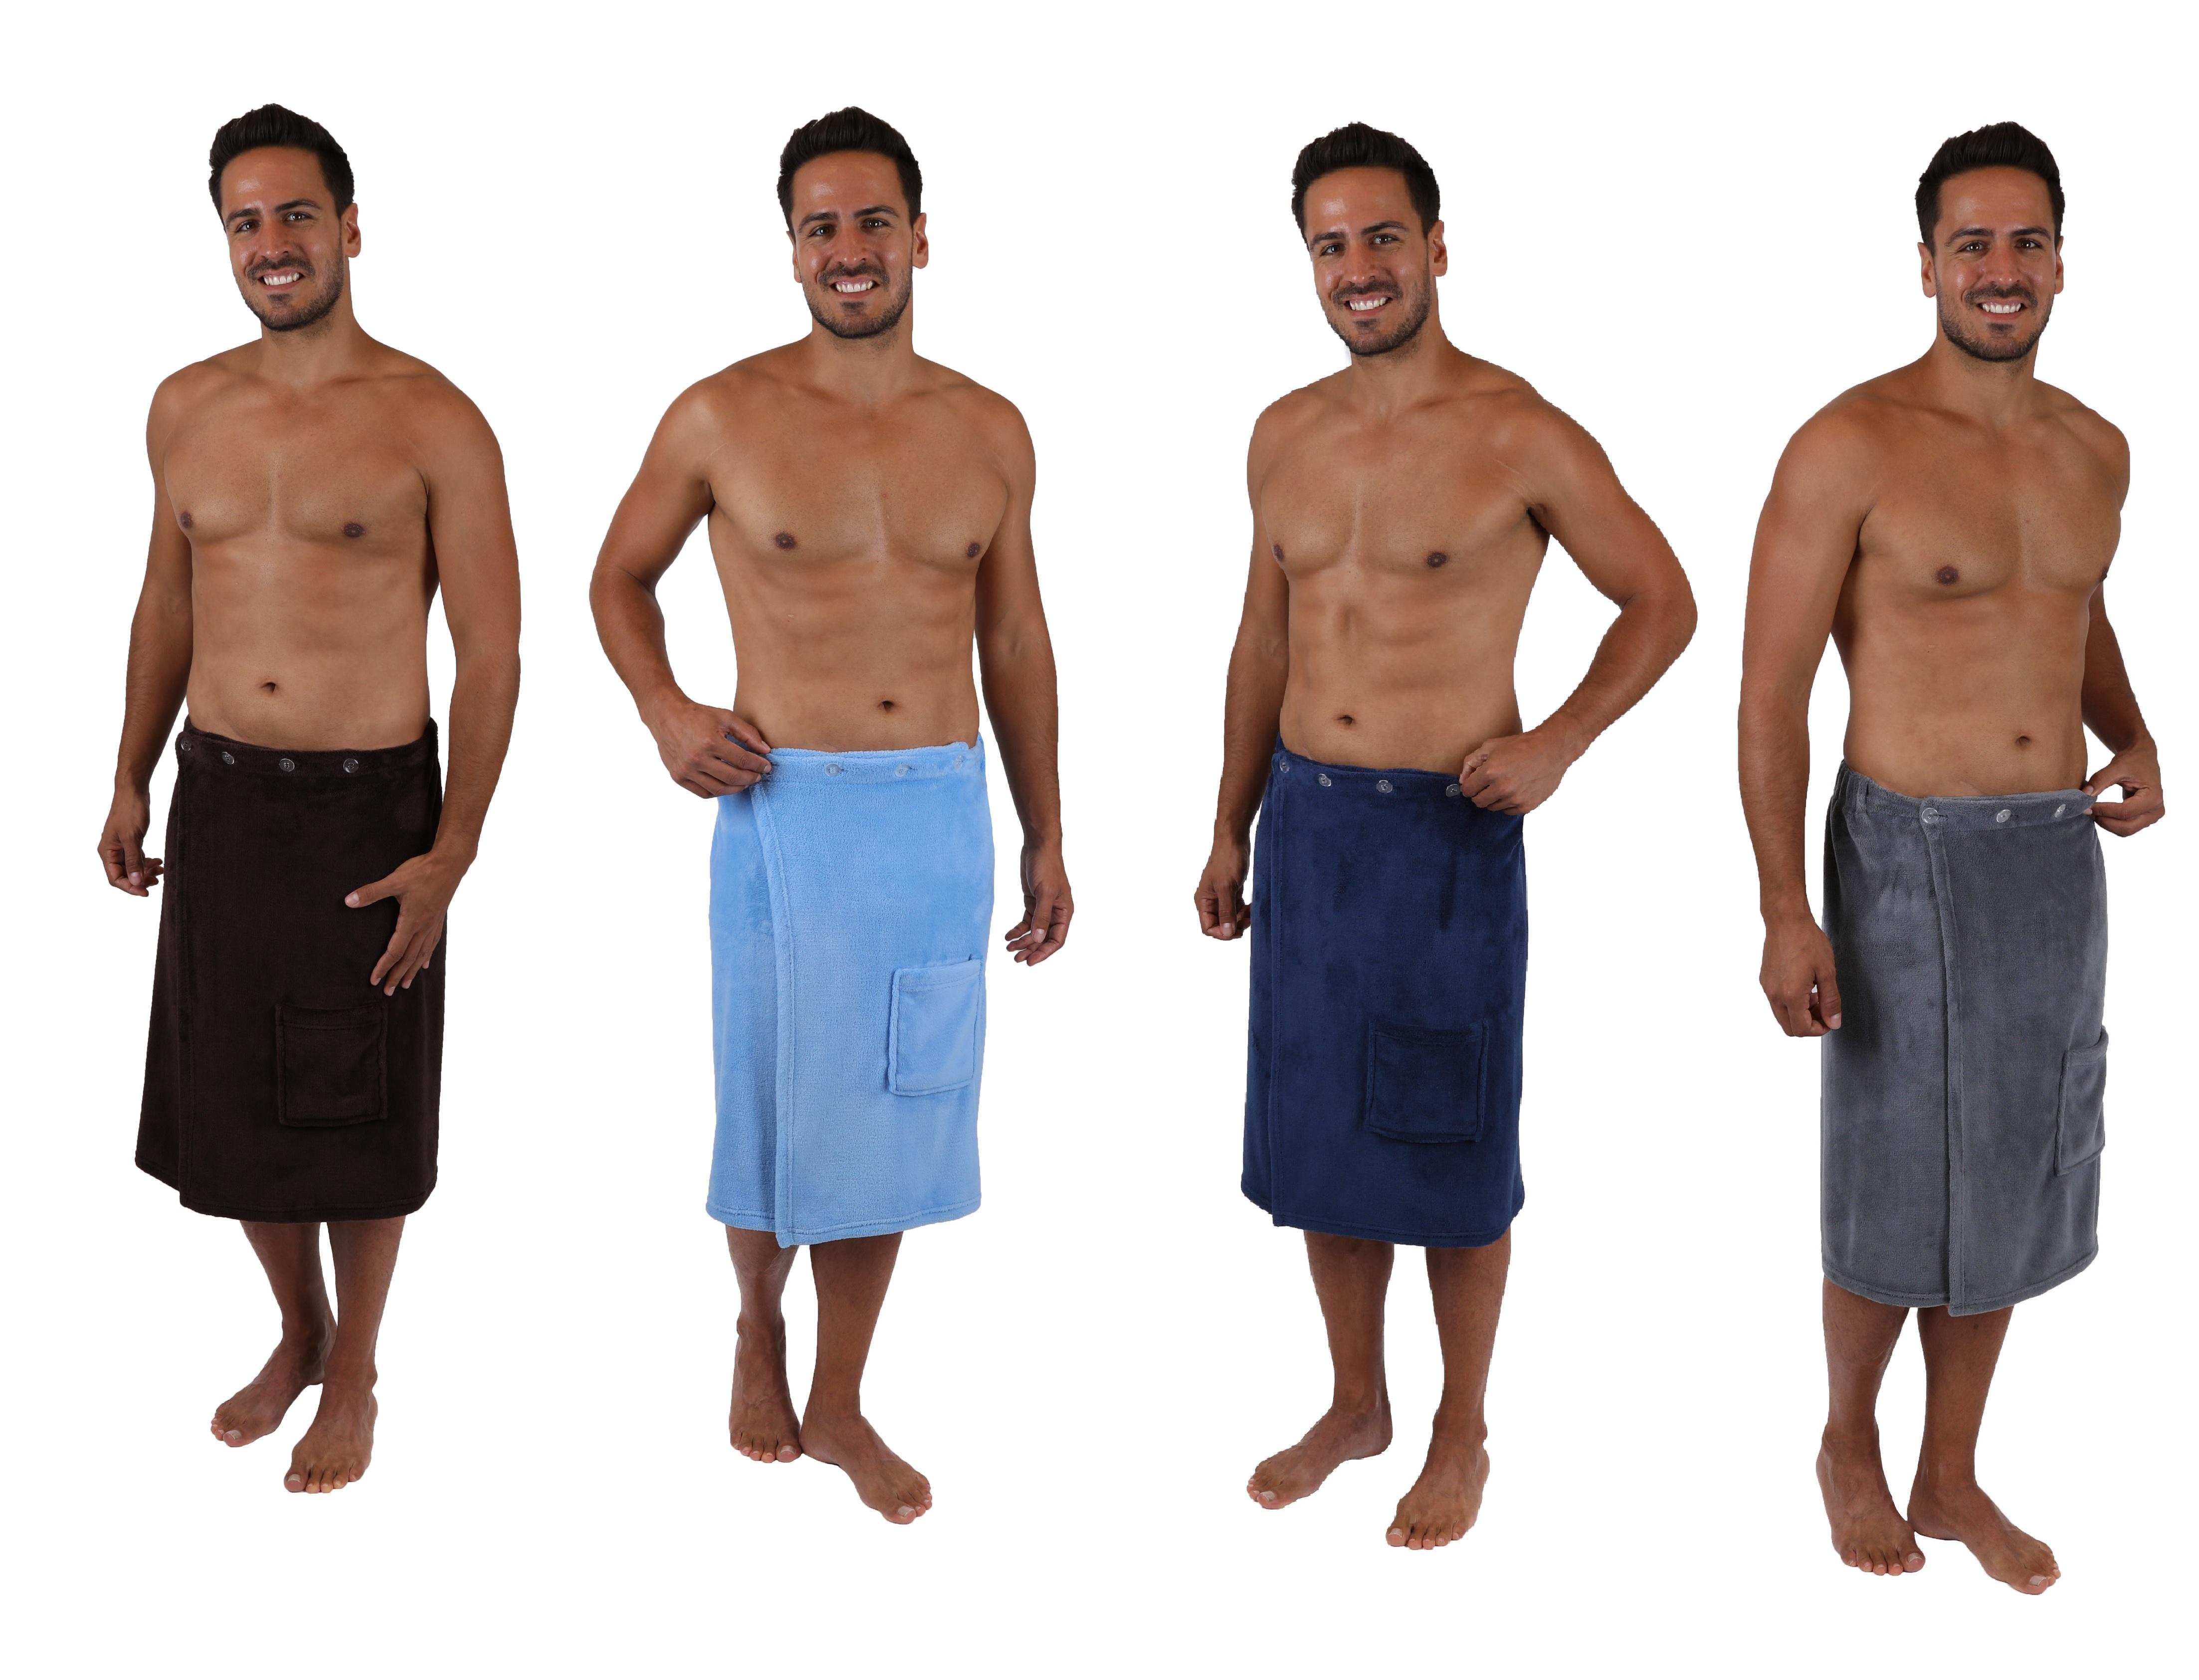 65x140 cm Colore Antracite BETZ Kilt Sauna Premium Telo Sauna Kilt Sauna in Diversi Colori Dimensioni